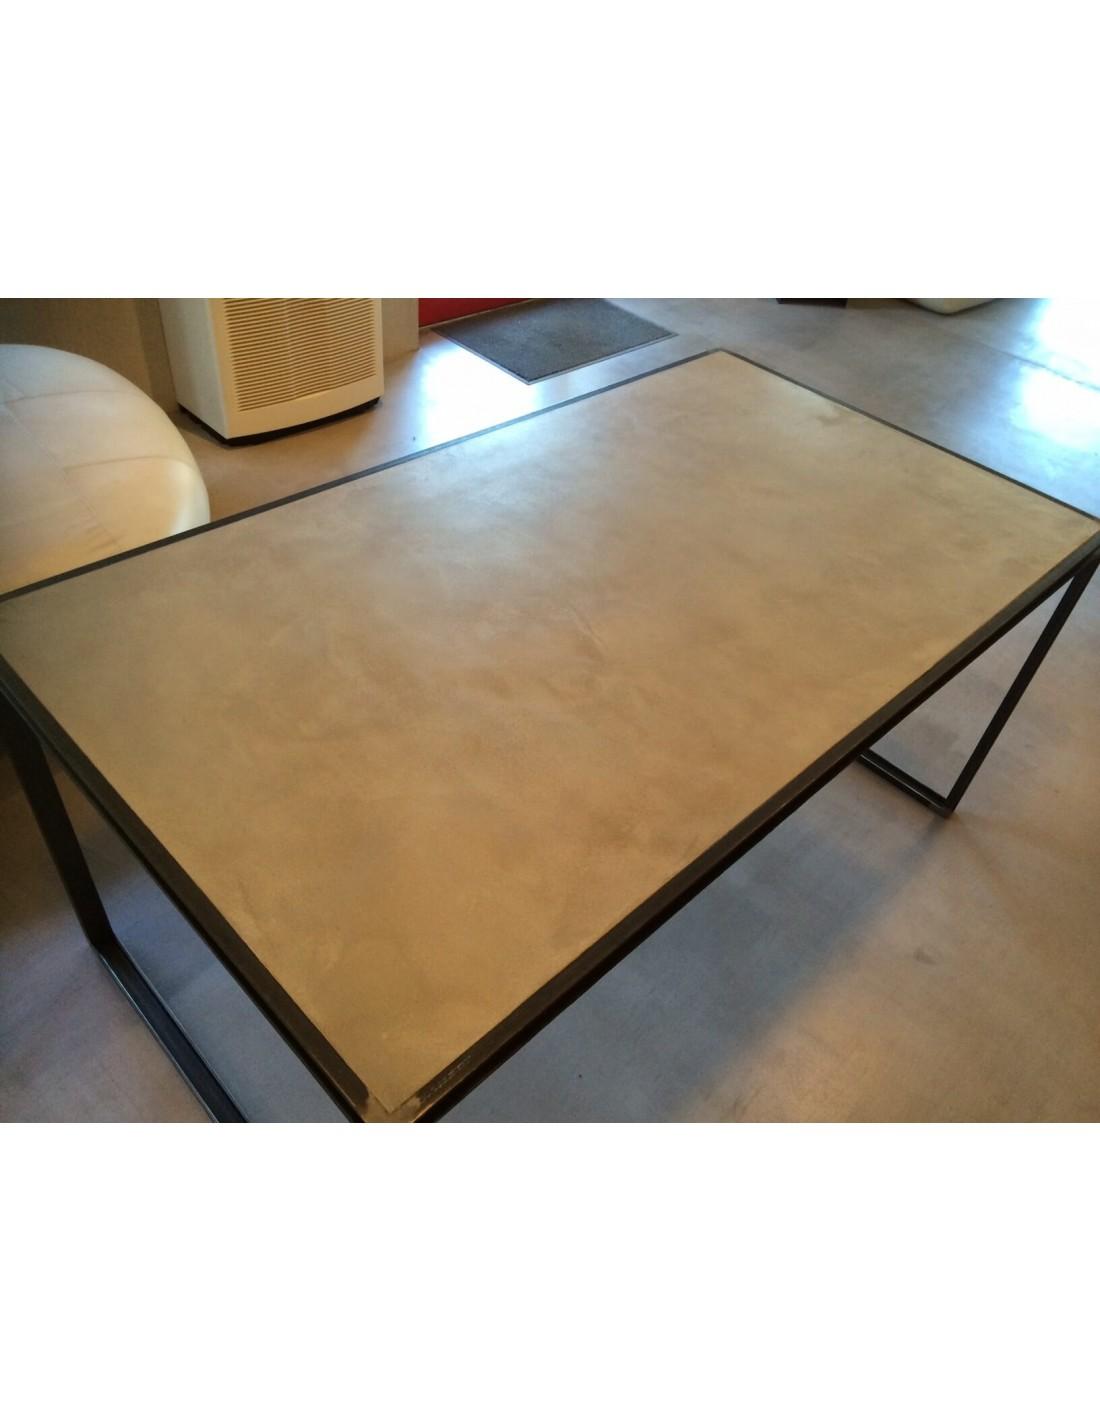 Table beton cire exterieur zoom bton cir sol grand - Table beton cire exterieur ...